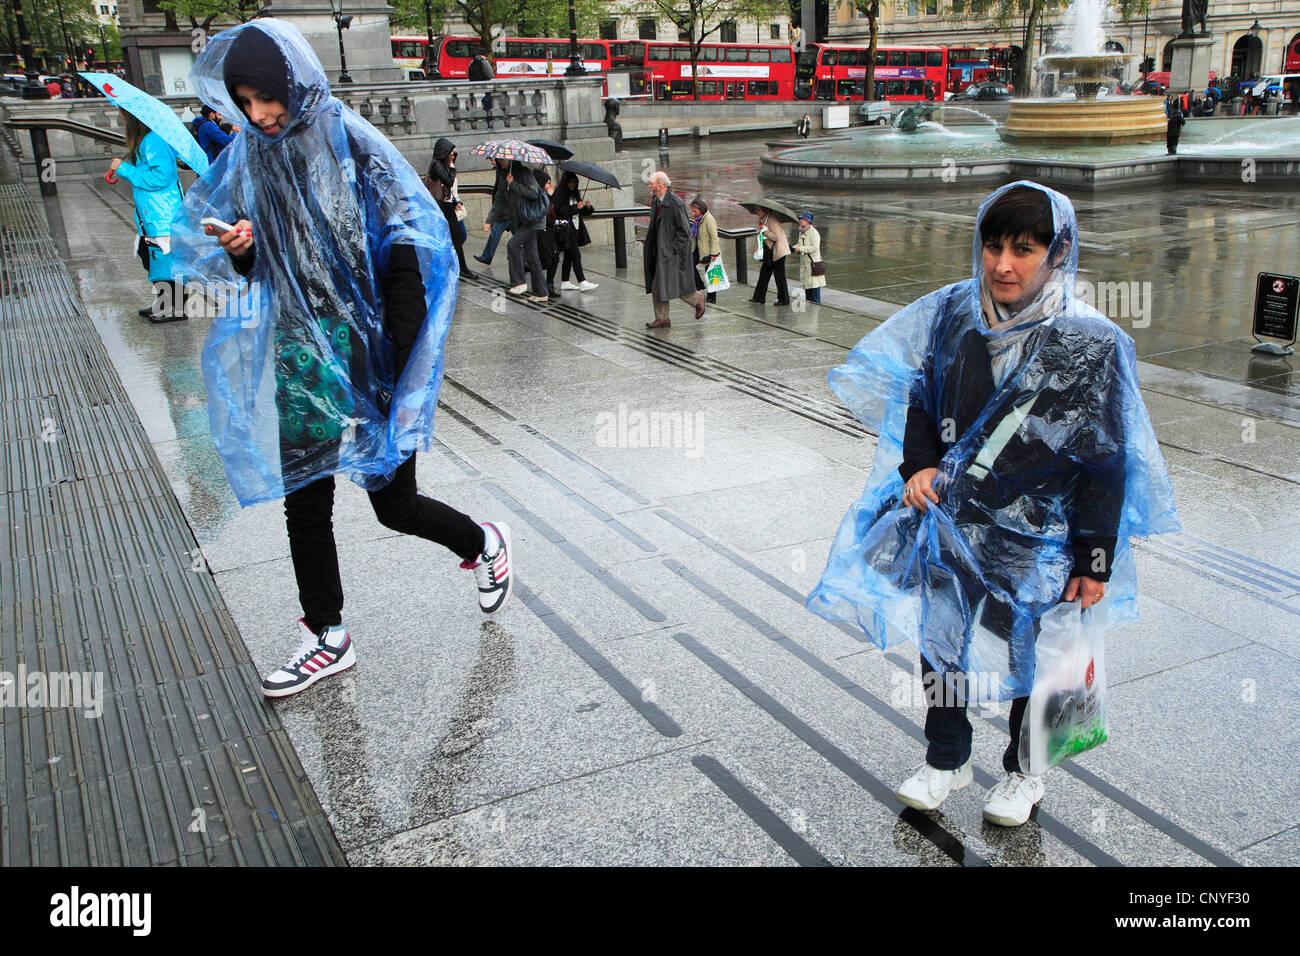 Les touristes dans la pluie, London UK Photo Stock